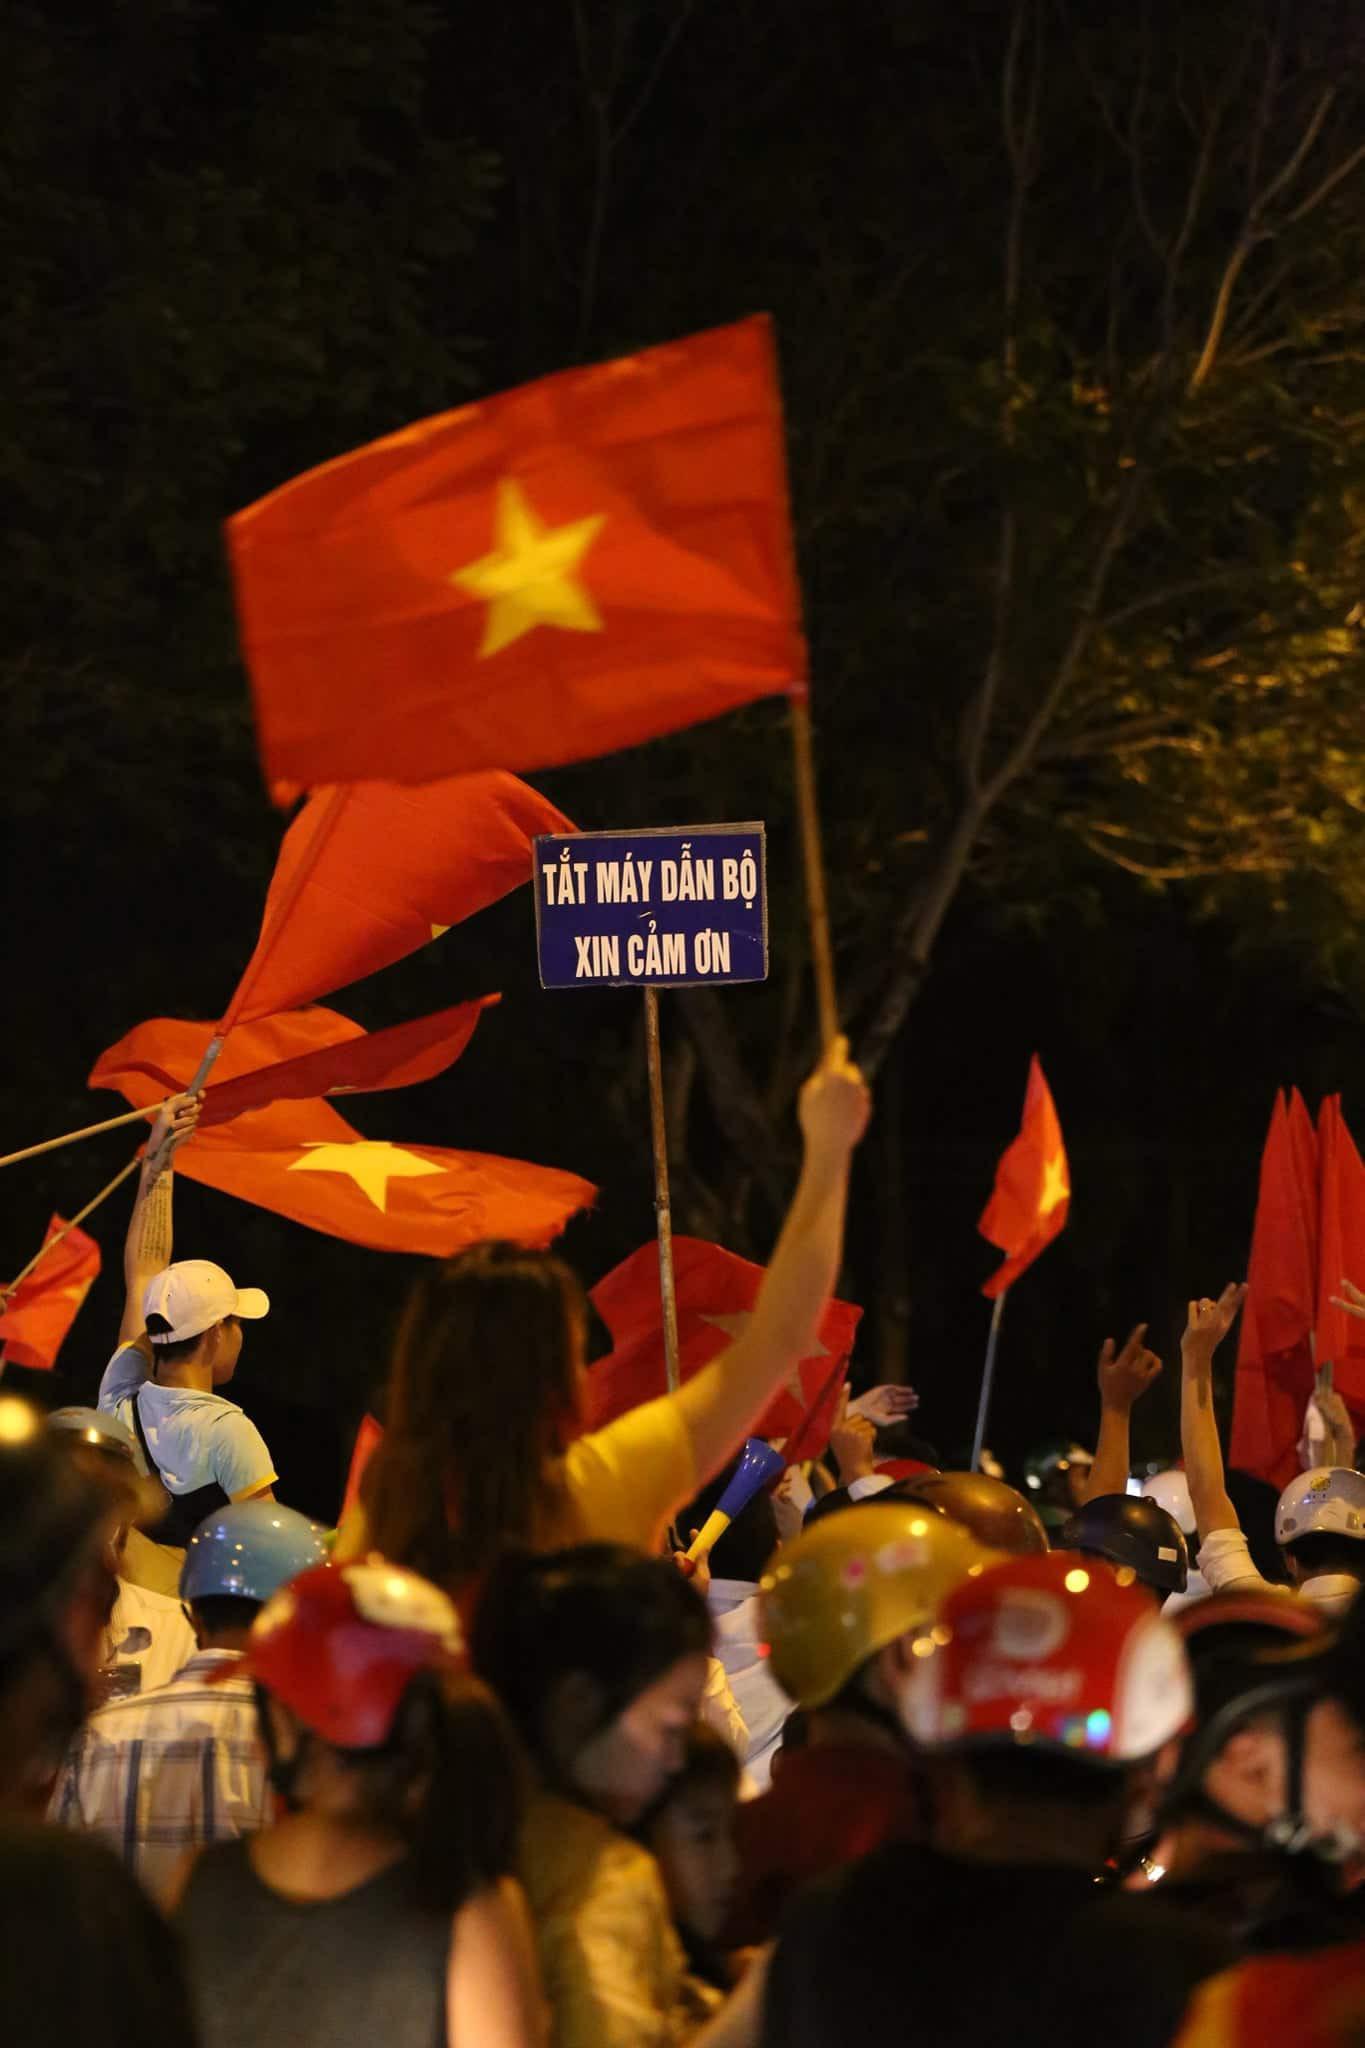 Những hình ảnh giản dị mà hài hước của CĐV Việt Nam trong không khí tưng bừng mừng chiến thắng - Ảnh 2.